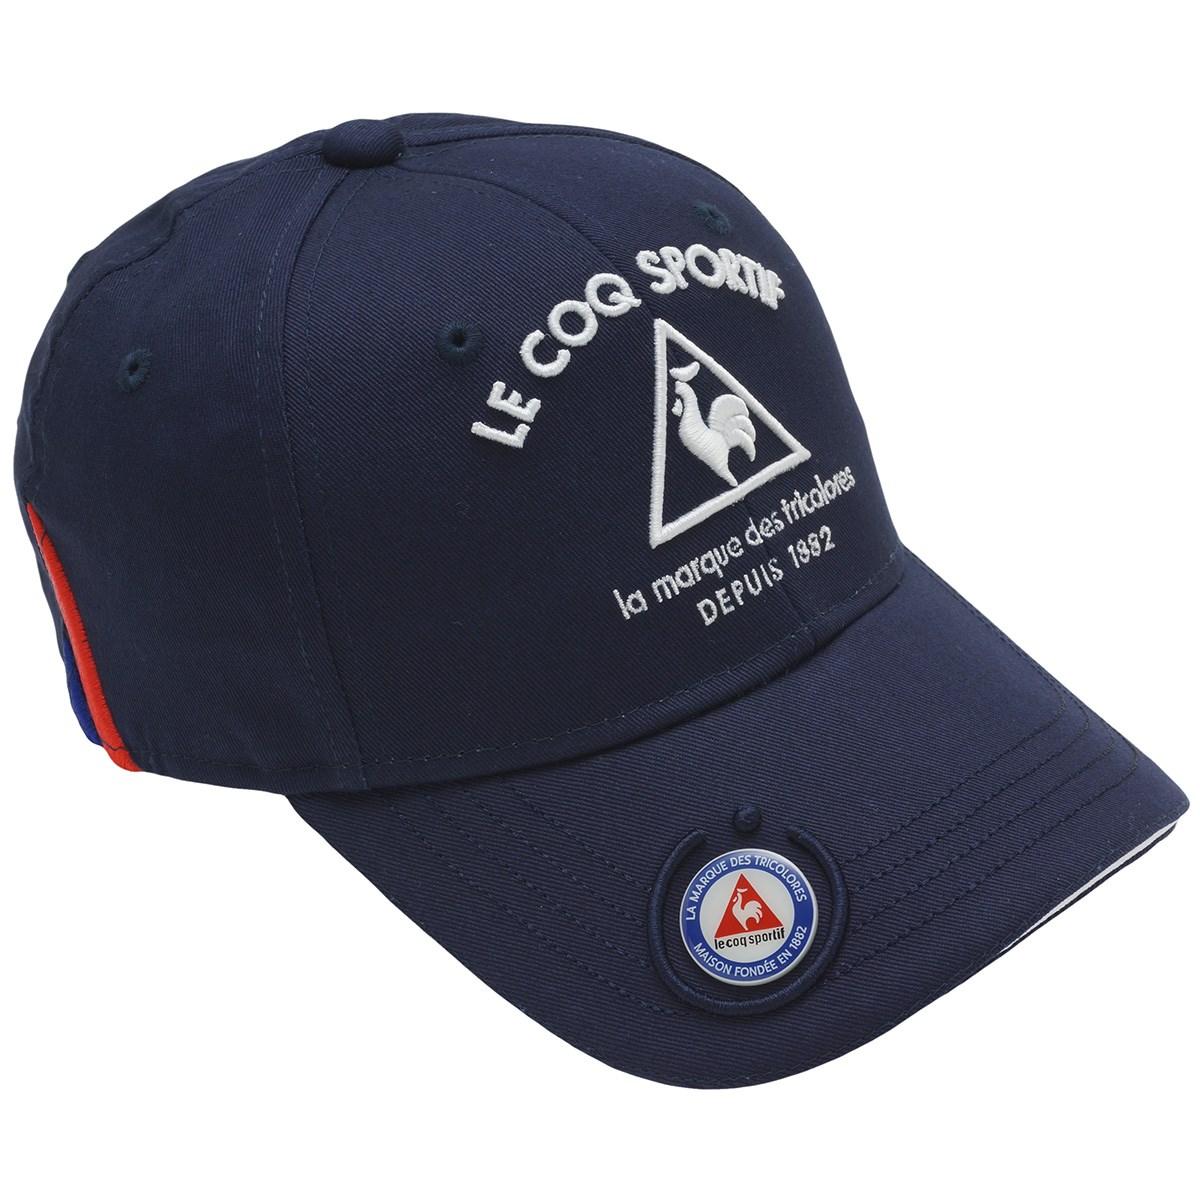 ルコックゴルフ Le coq sportif GOLF コットンツイルマーカー付きキャップ フリー ネイビー 00 レディス